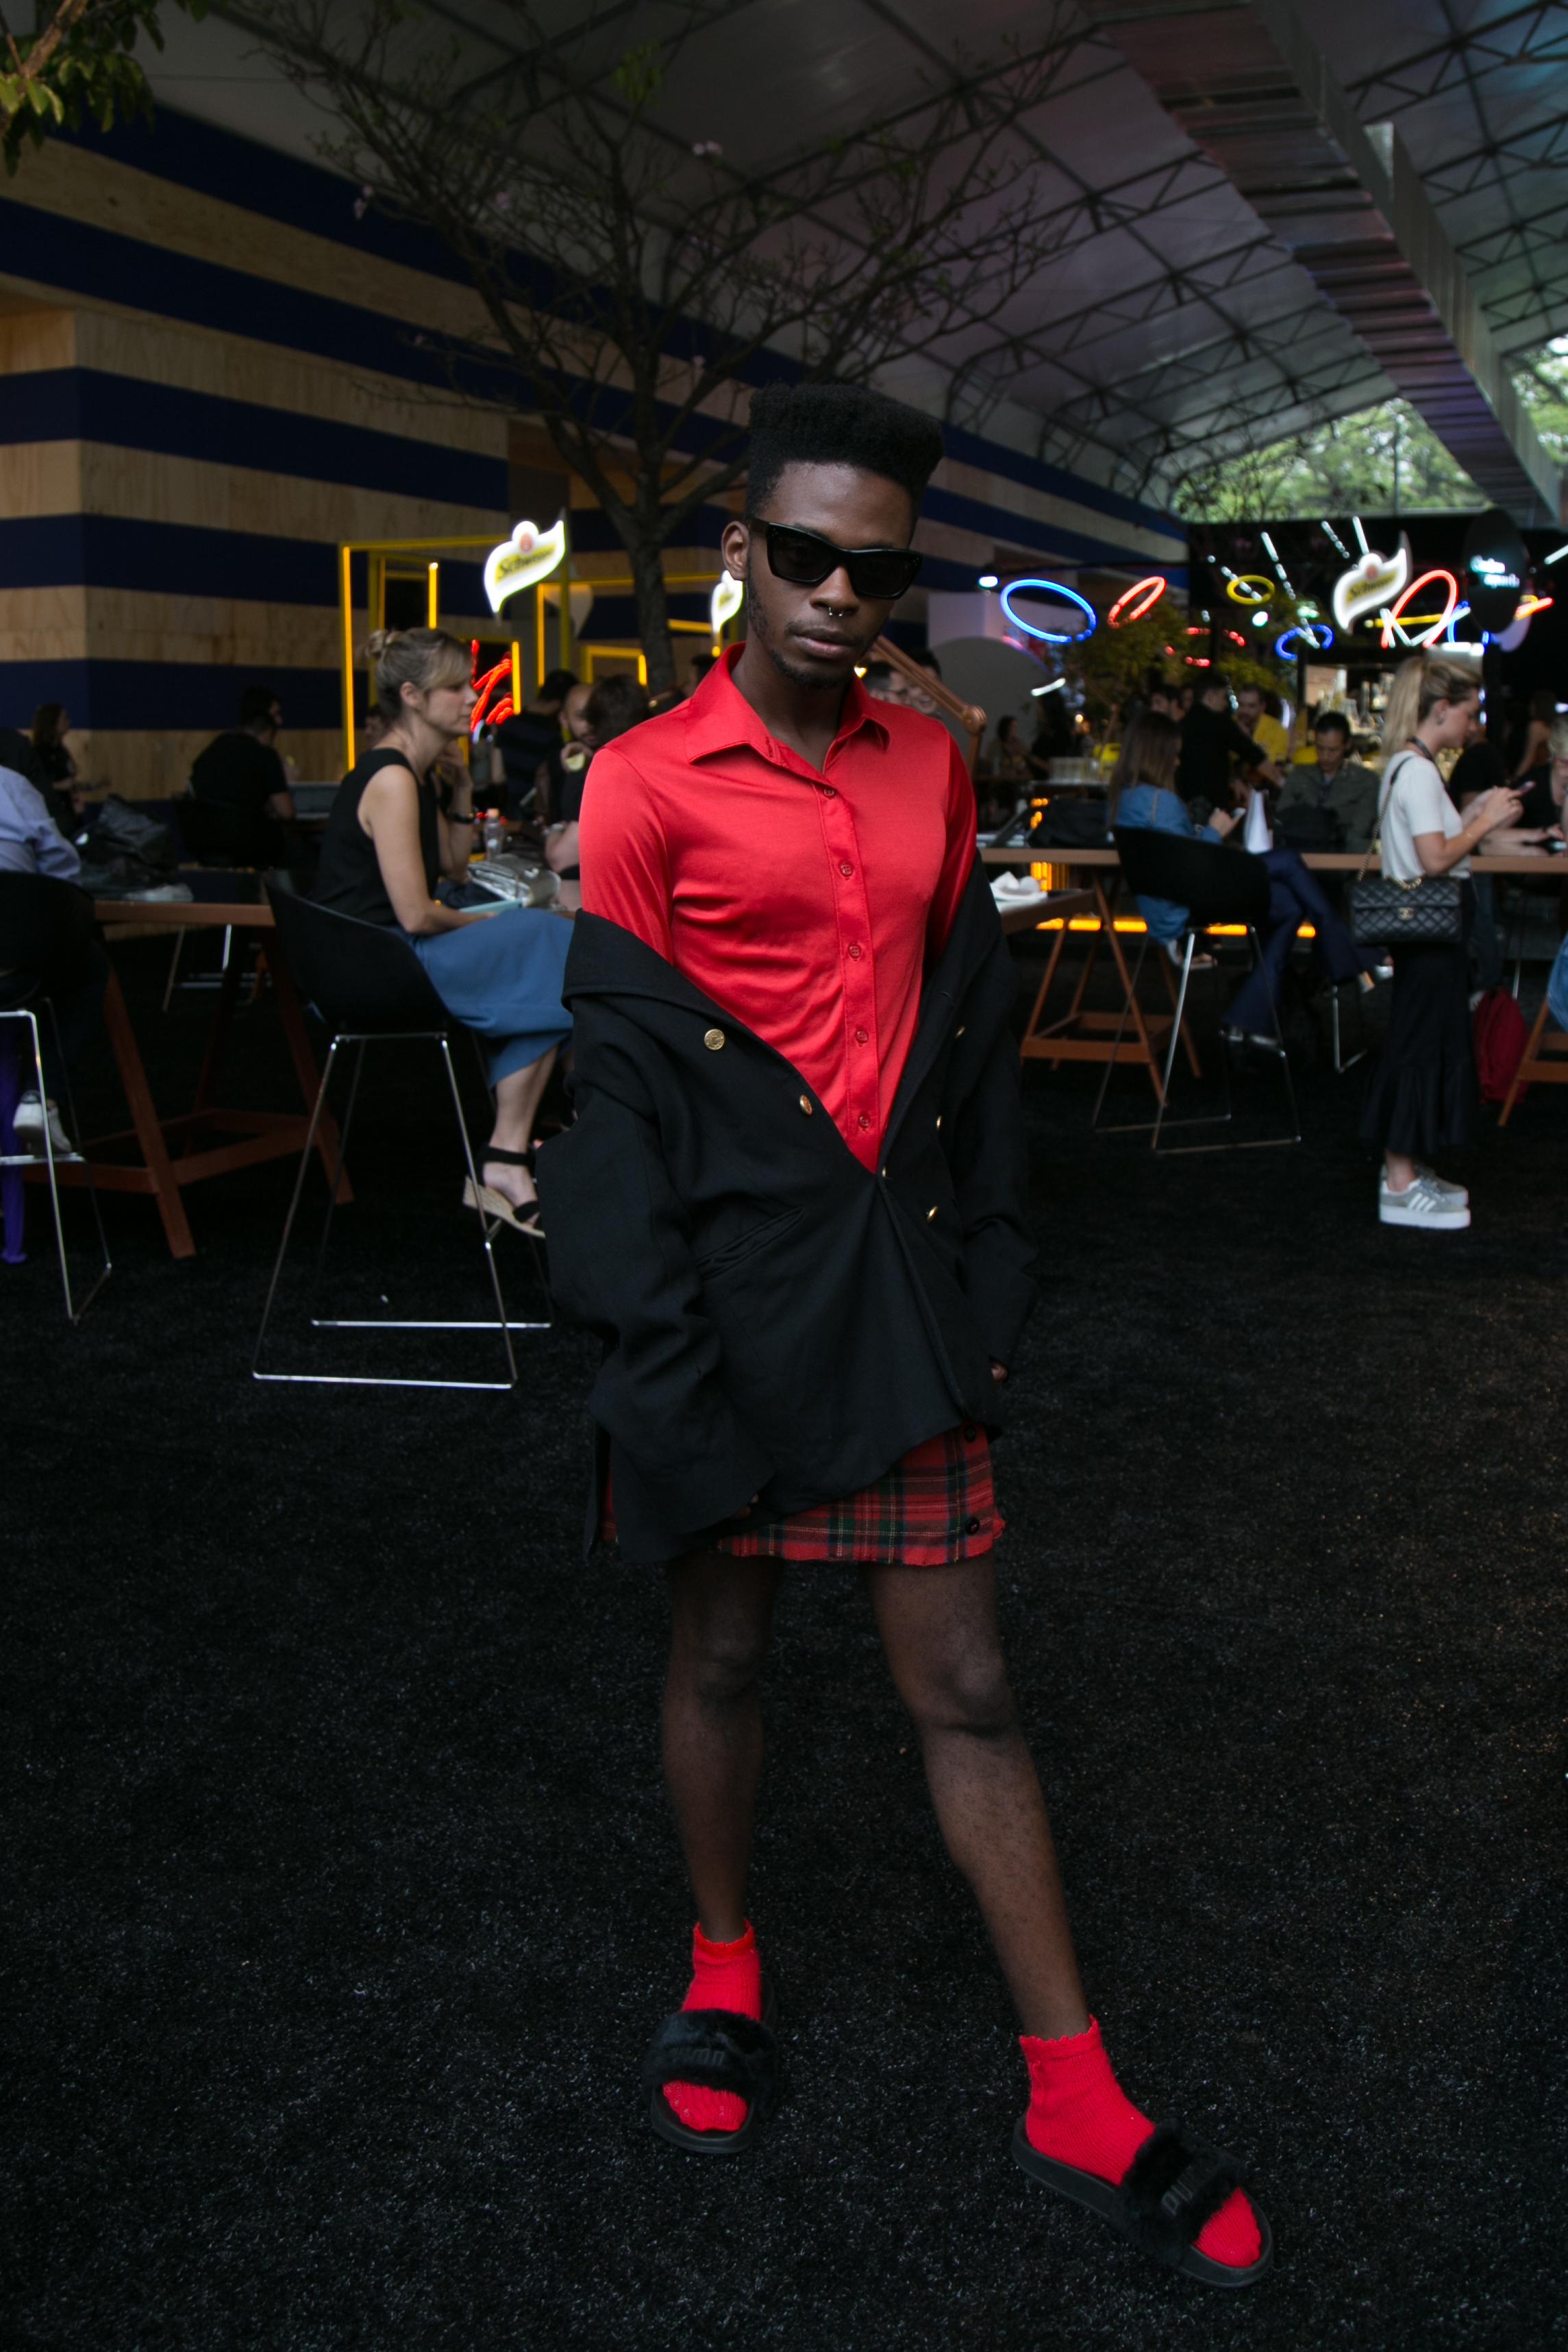 street-style-masculino-men-man-beleza-blog-de-moda-masculina-blogger-desfile-masculino-dicas-de-estilo-dicas-de-moda-diversidade-fashion-week-spfw-spfwtrans42-spfwn42-tendencia-masculina-invern-19